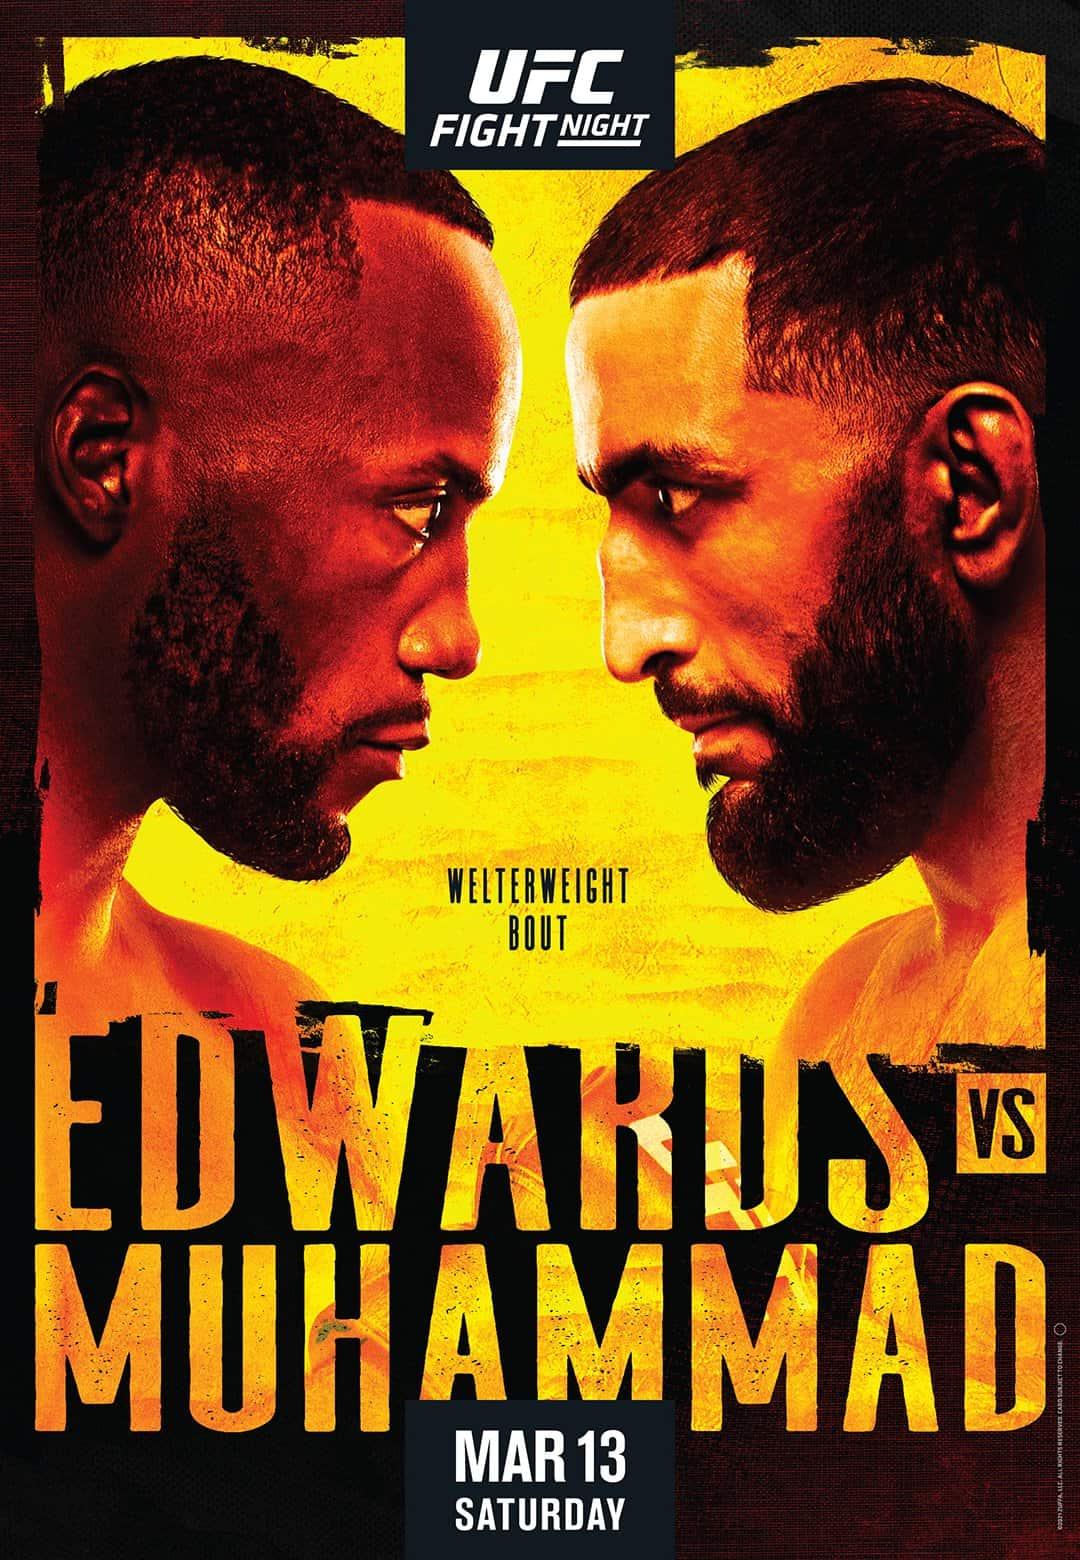 Risultati UFC fight night 187: Edwards vs Muhammad 1